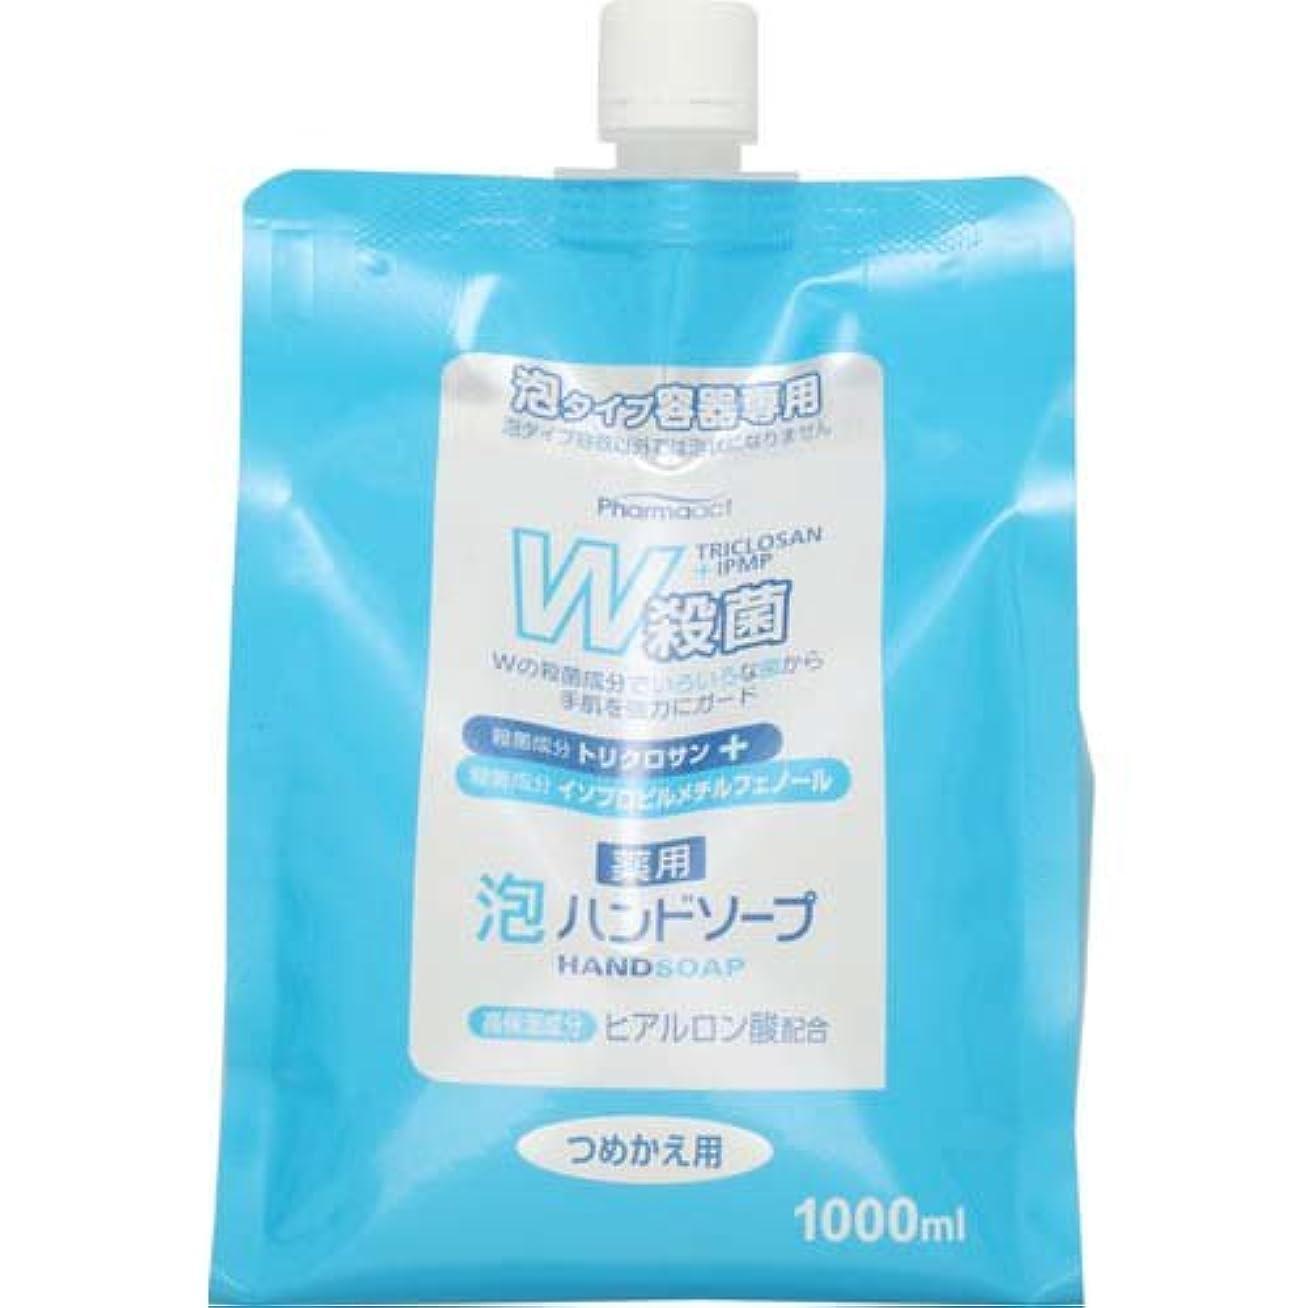 耐久フィッティング賢明なPHARMAACT(ファーマアクト) W殺菌薬用泡ハンドソープ スパウト付き詰替 1000ml